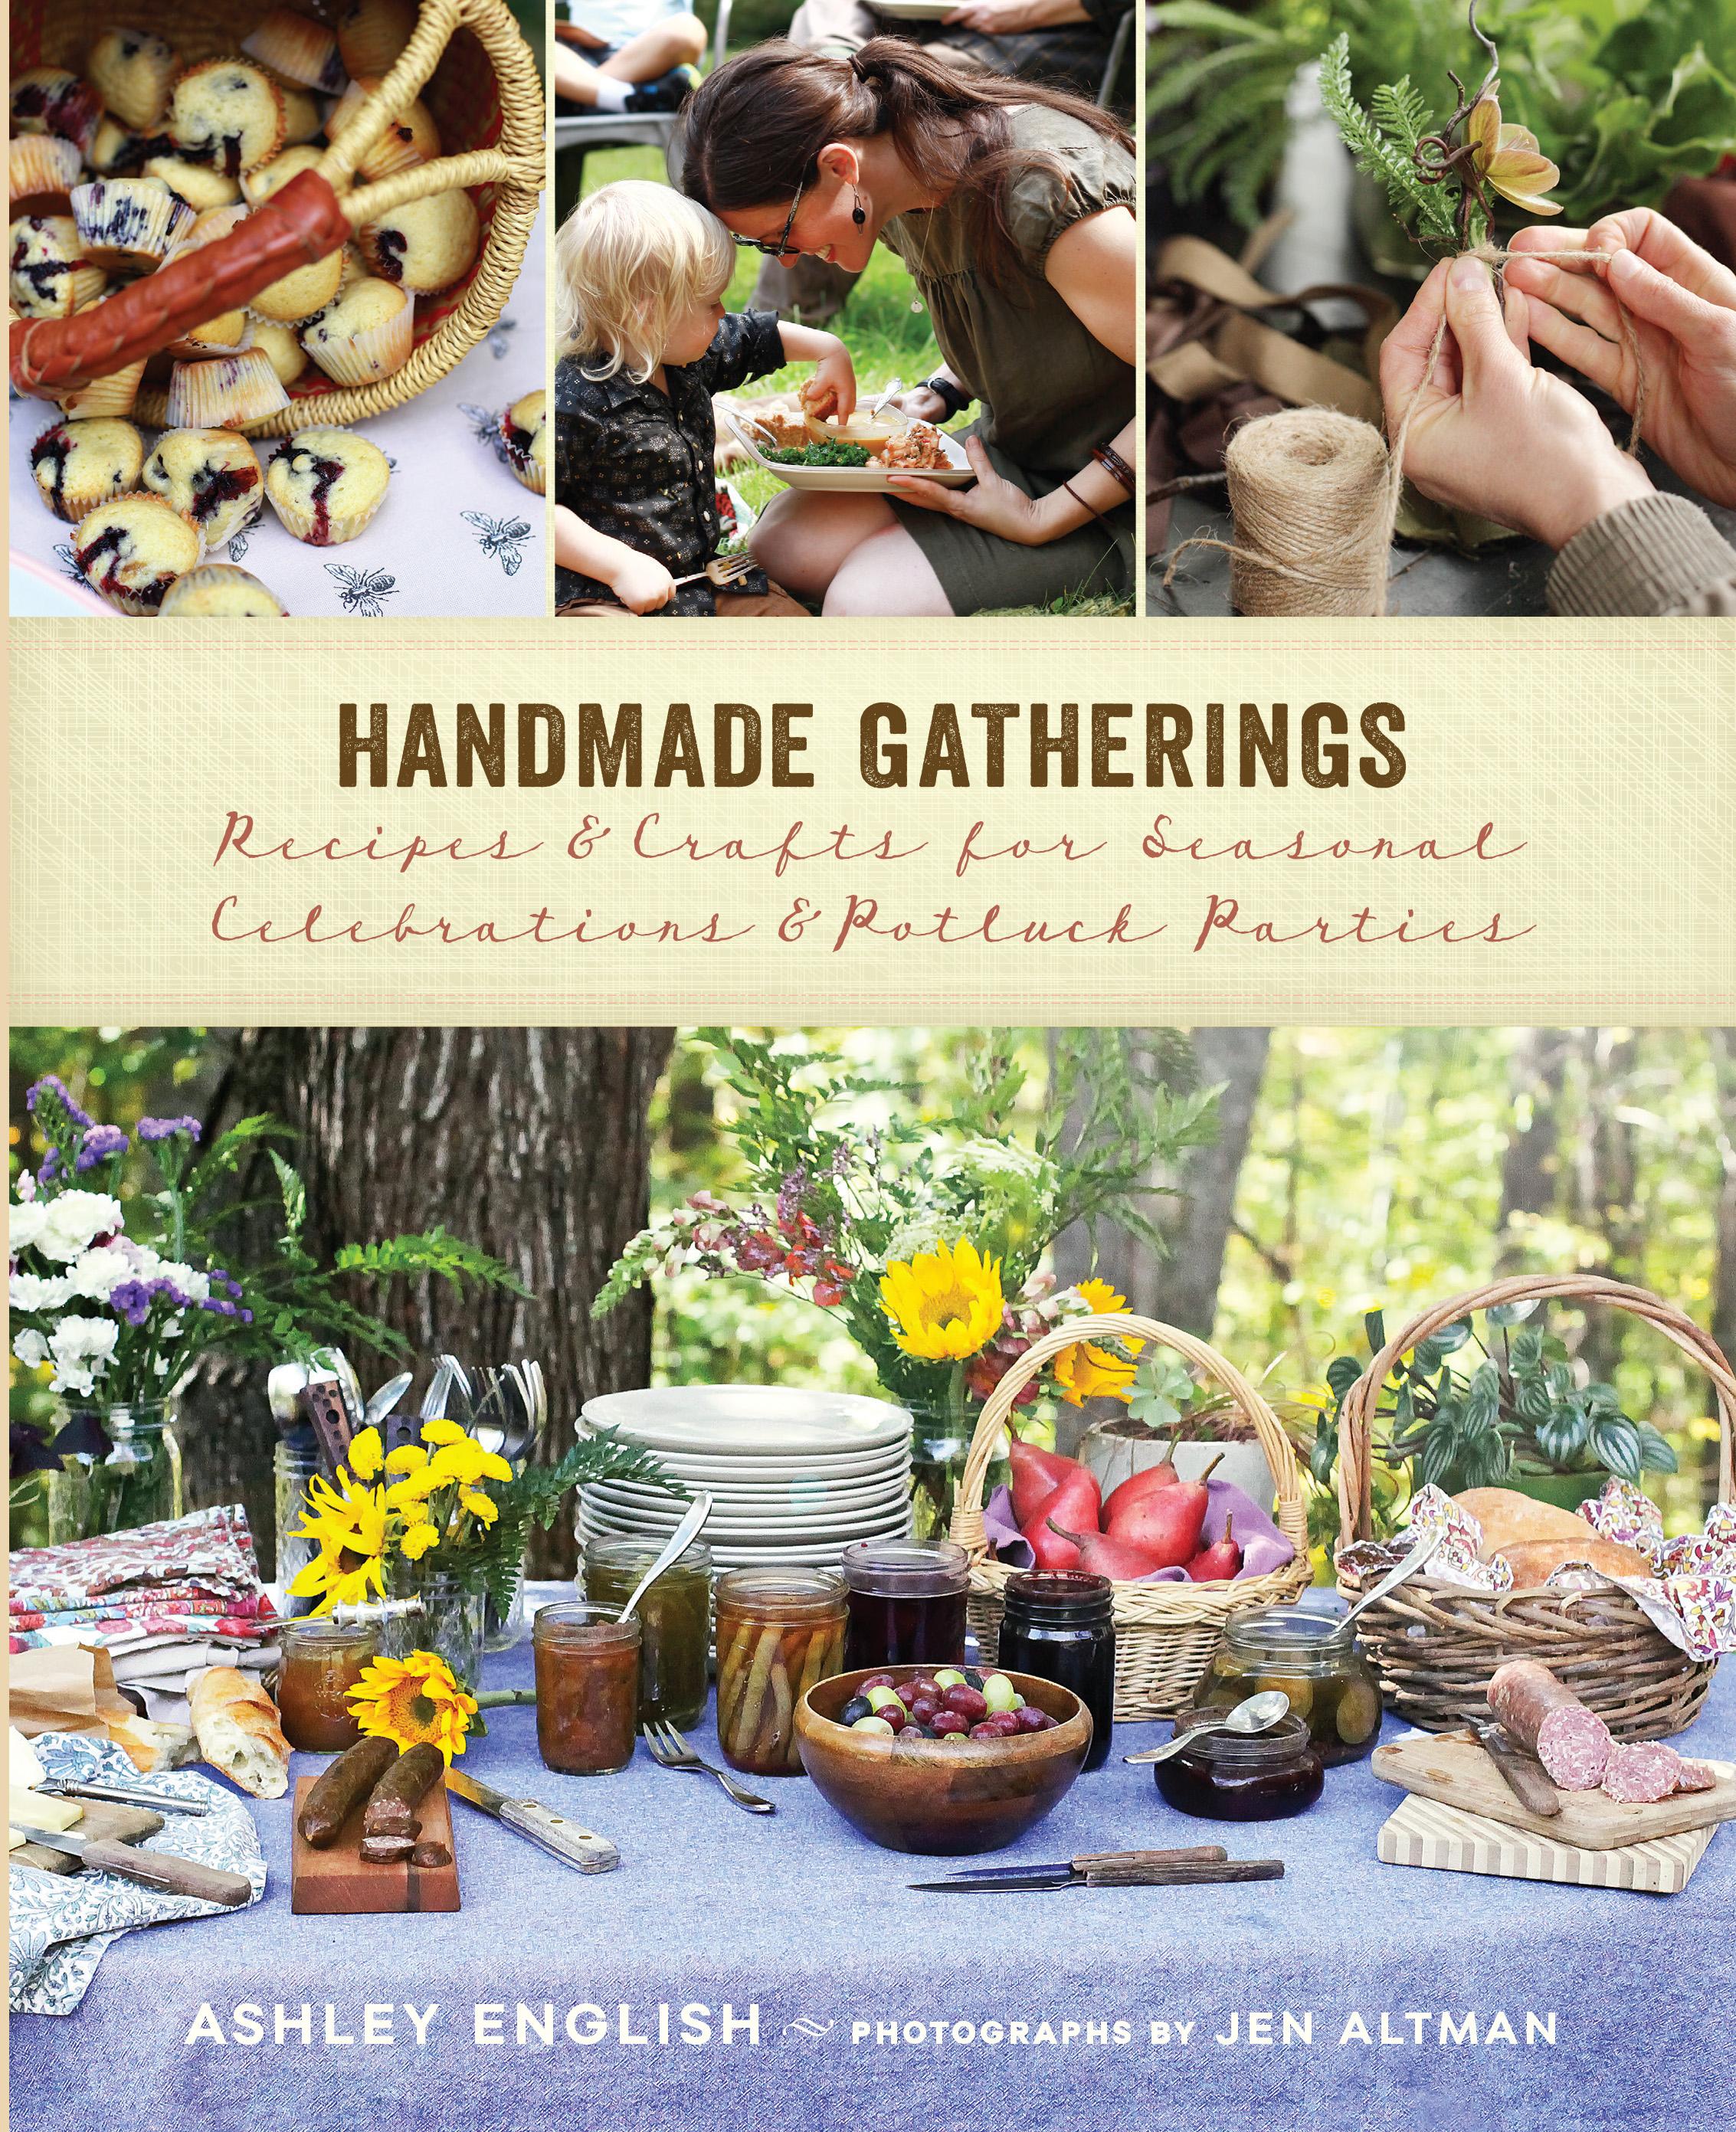 Handmade Gatherings cover.jpg